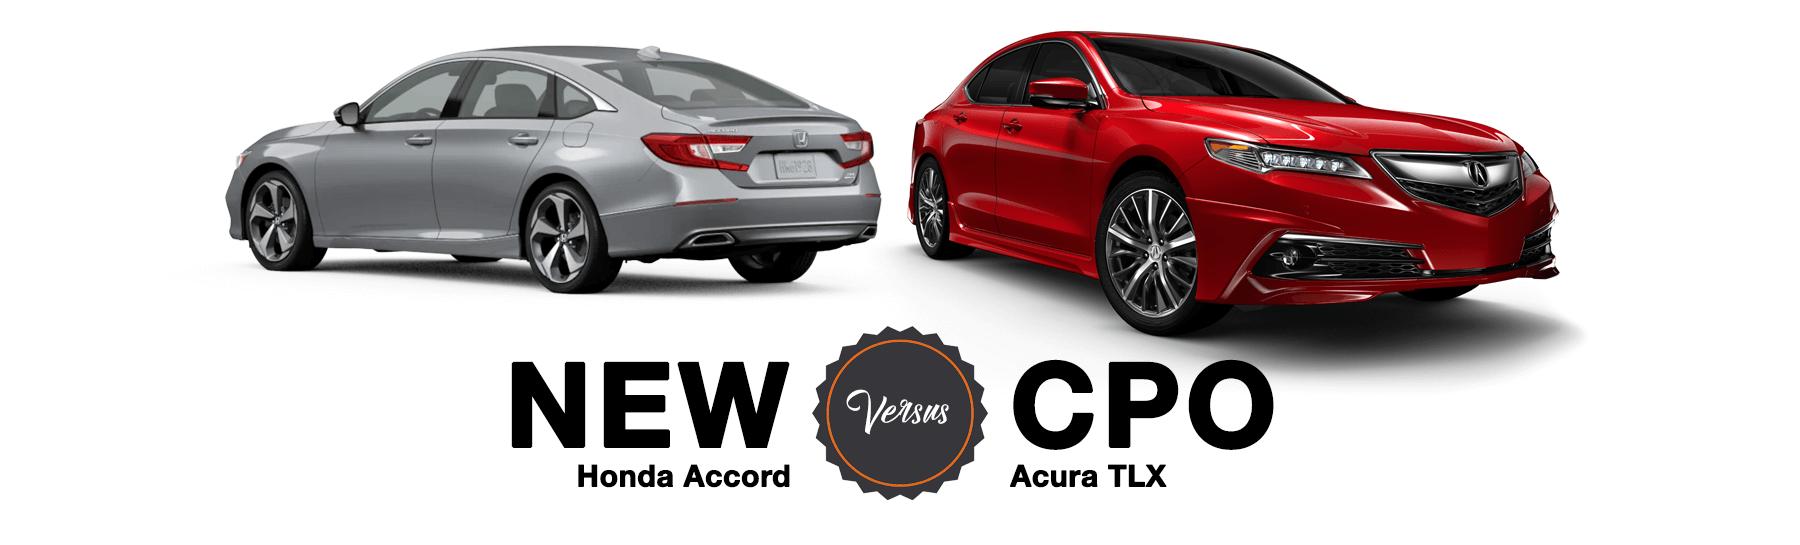 New Honda Accord Versus CPO Acura TLX